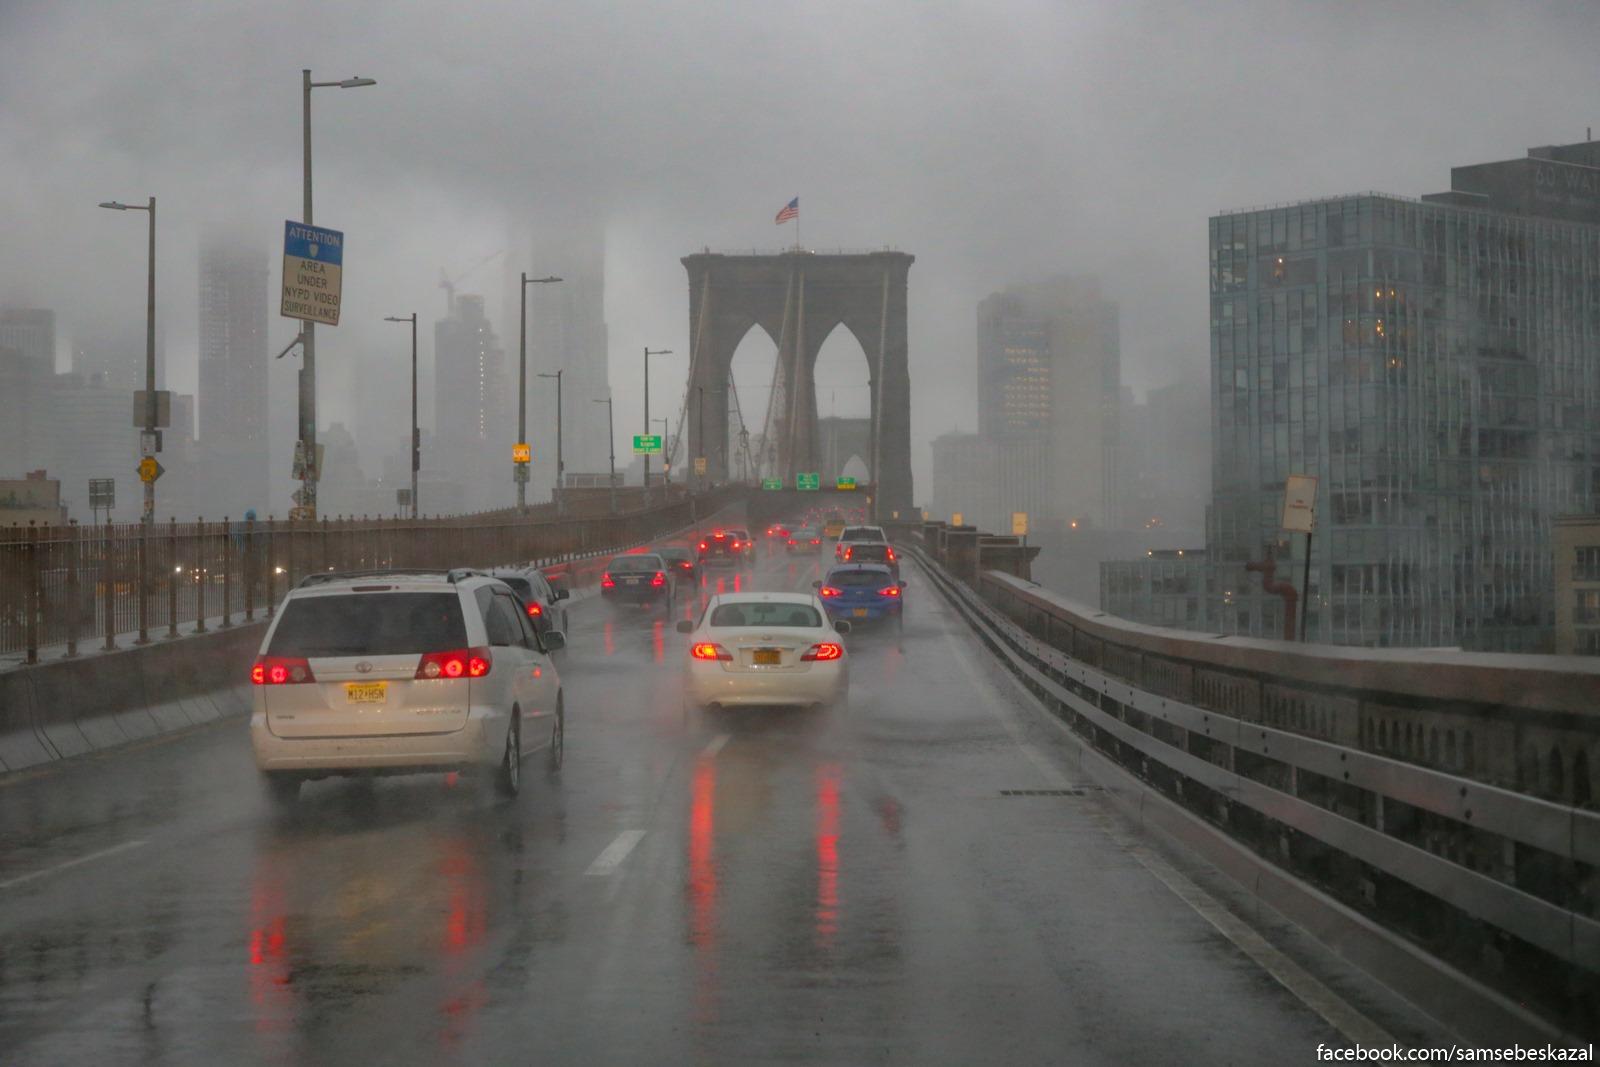 Sdelal fotku Bruklinskogo mosta v dozdʹ iz okna masiny, a polucilasʹ pocti akvarelʹ.